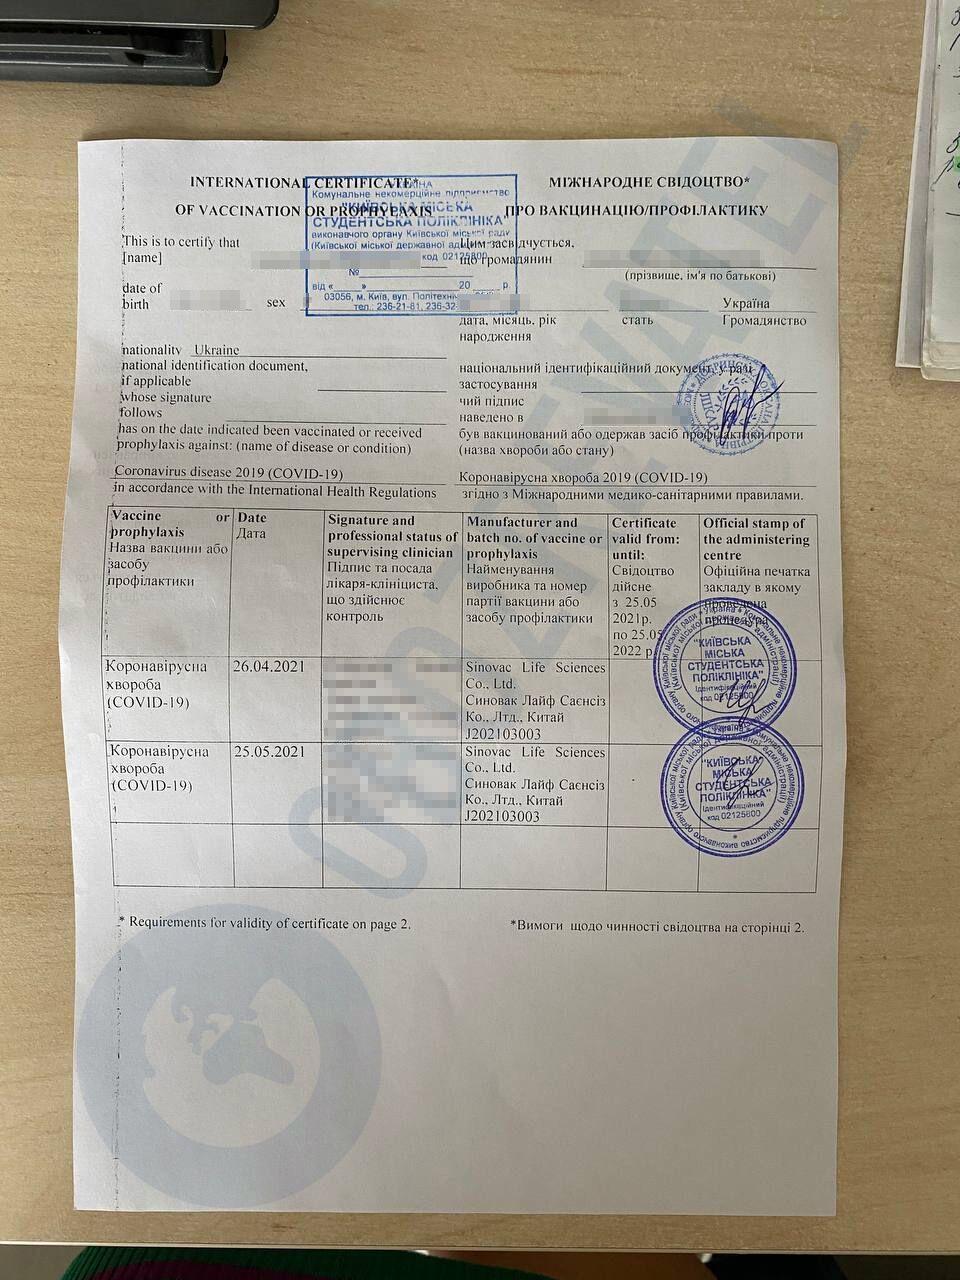 Як виглядає сертифікат про вакцинацію проти коронавірусу